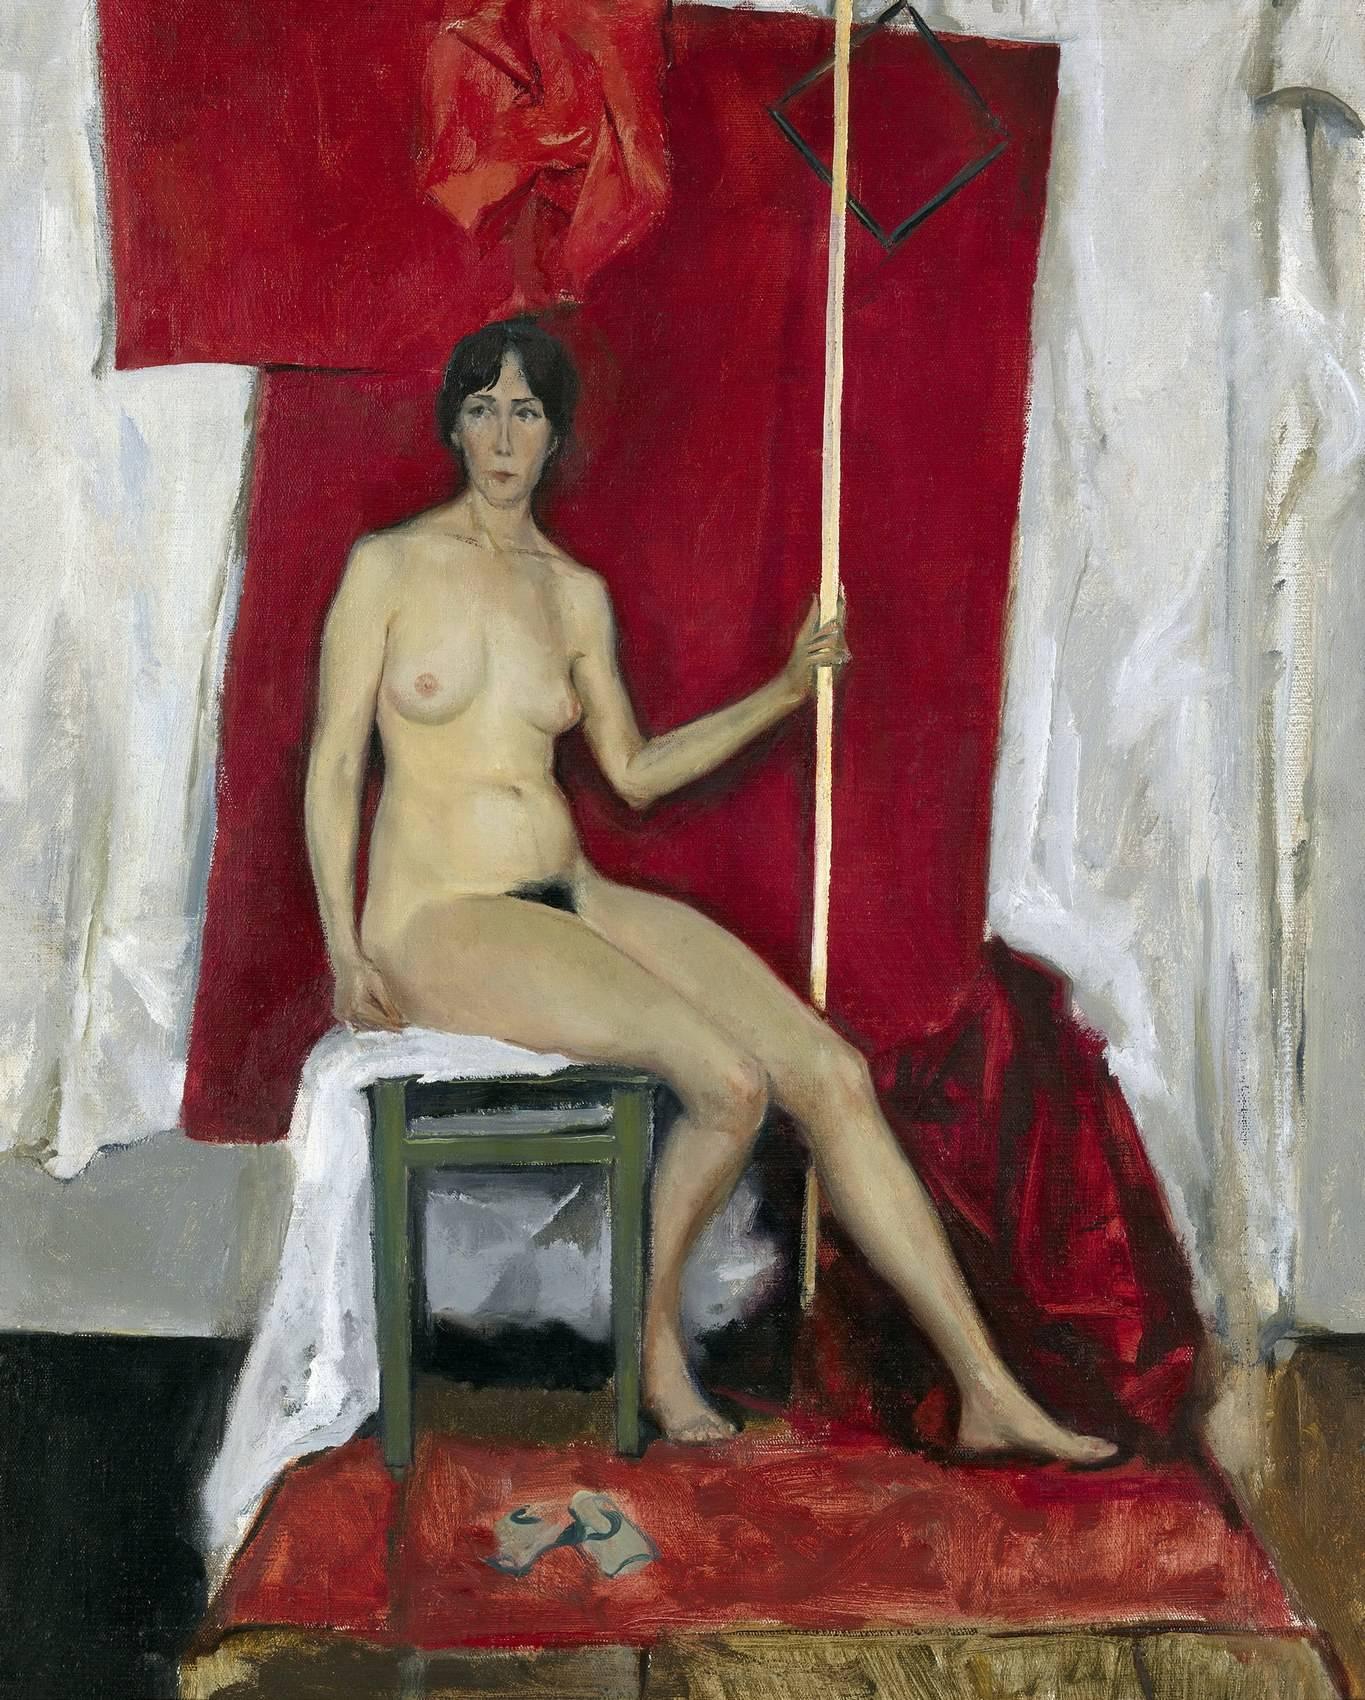 Эротика в советском искусстве 27 фотография